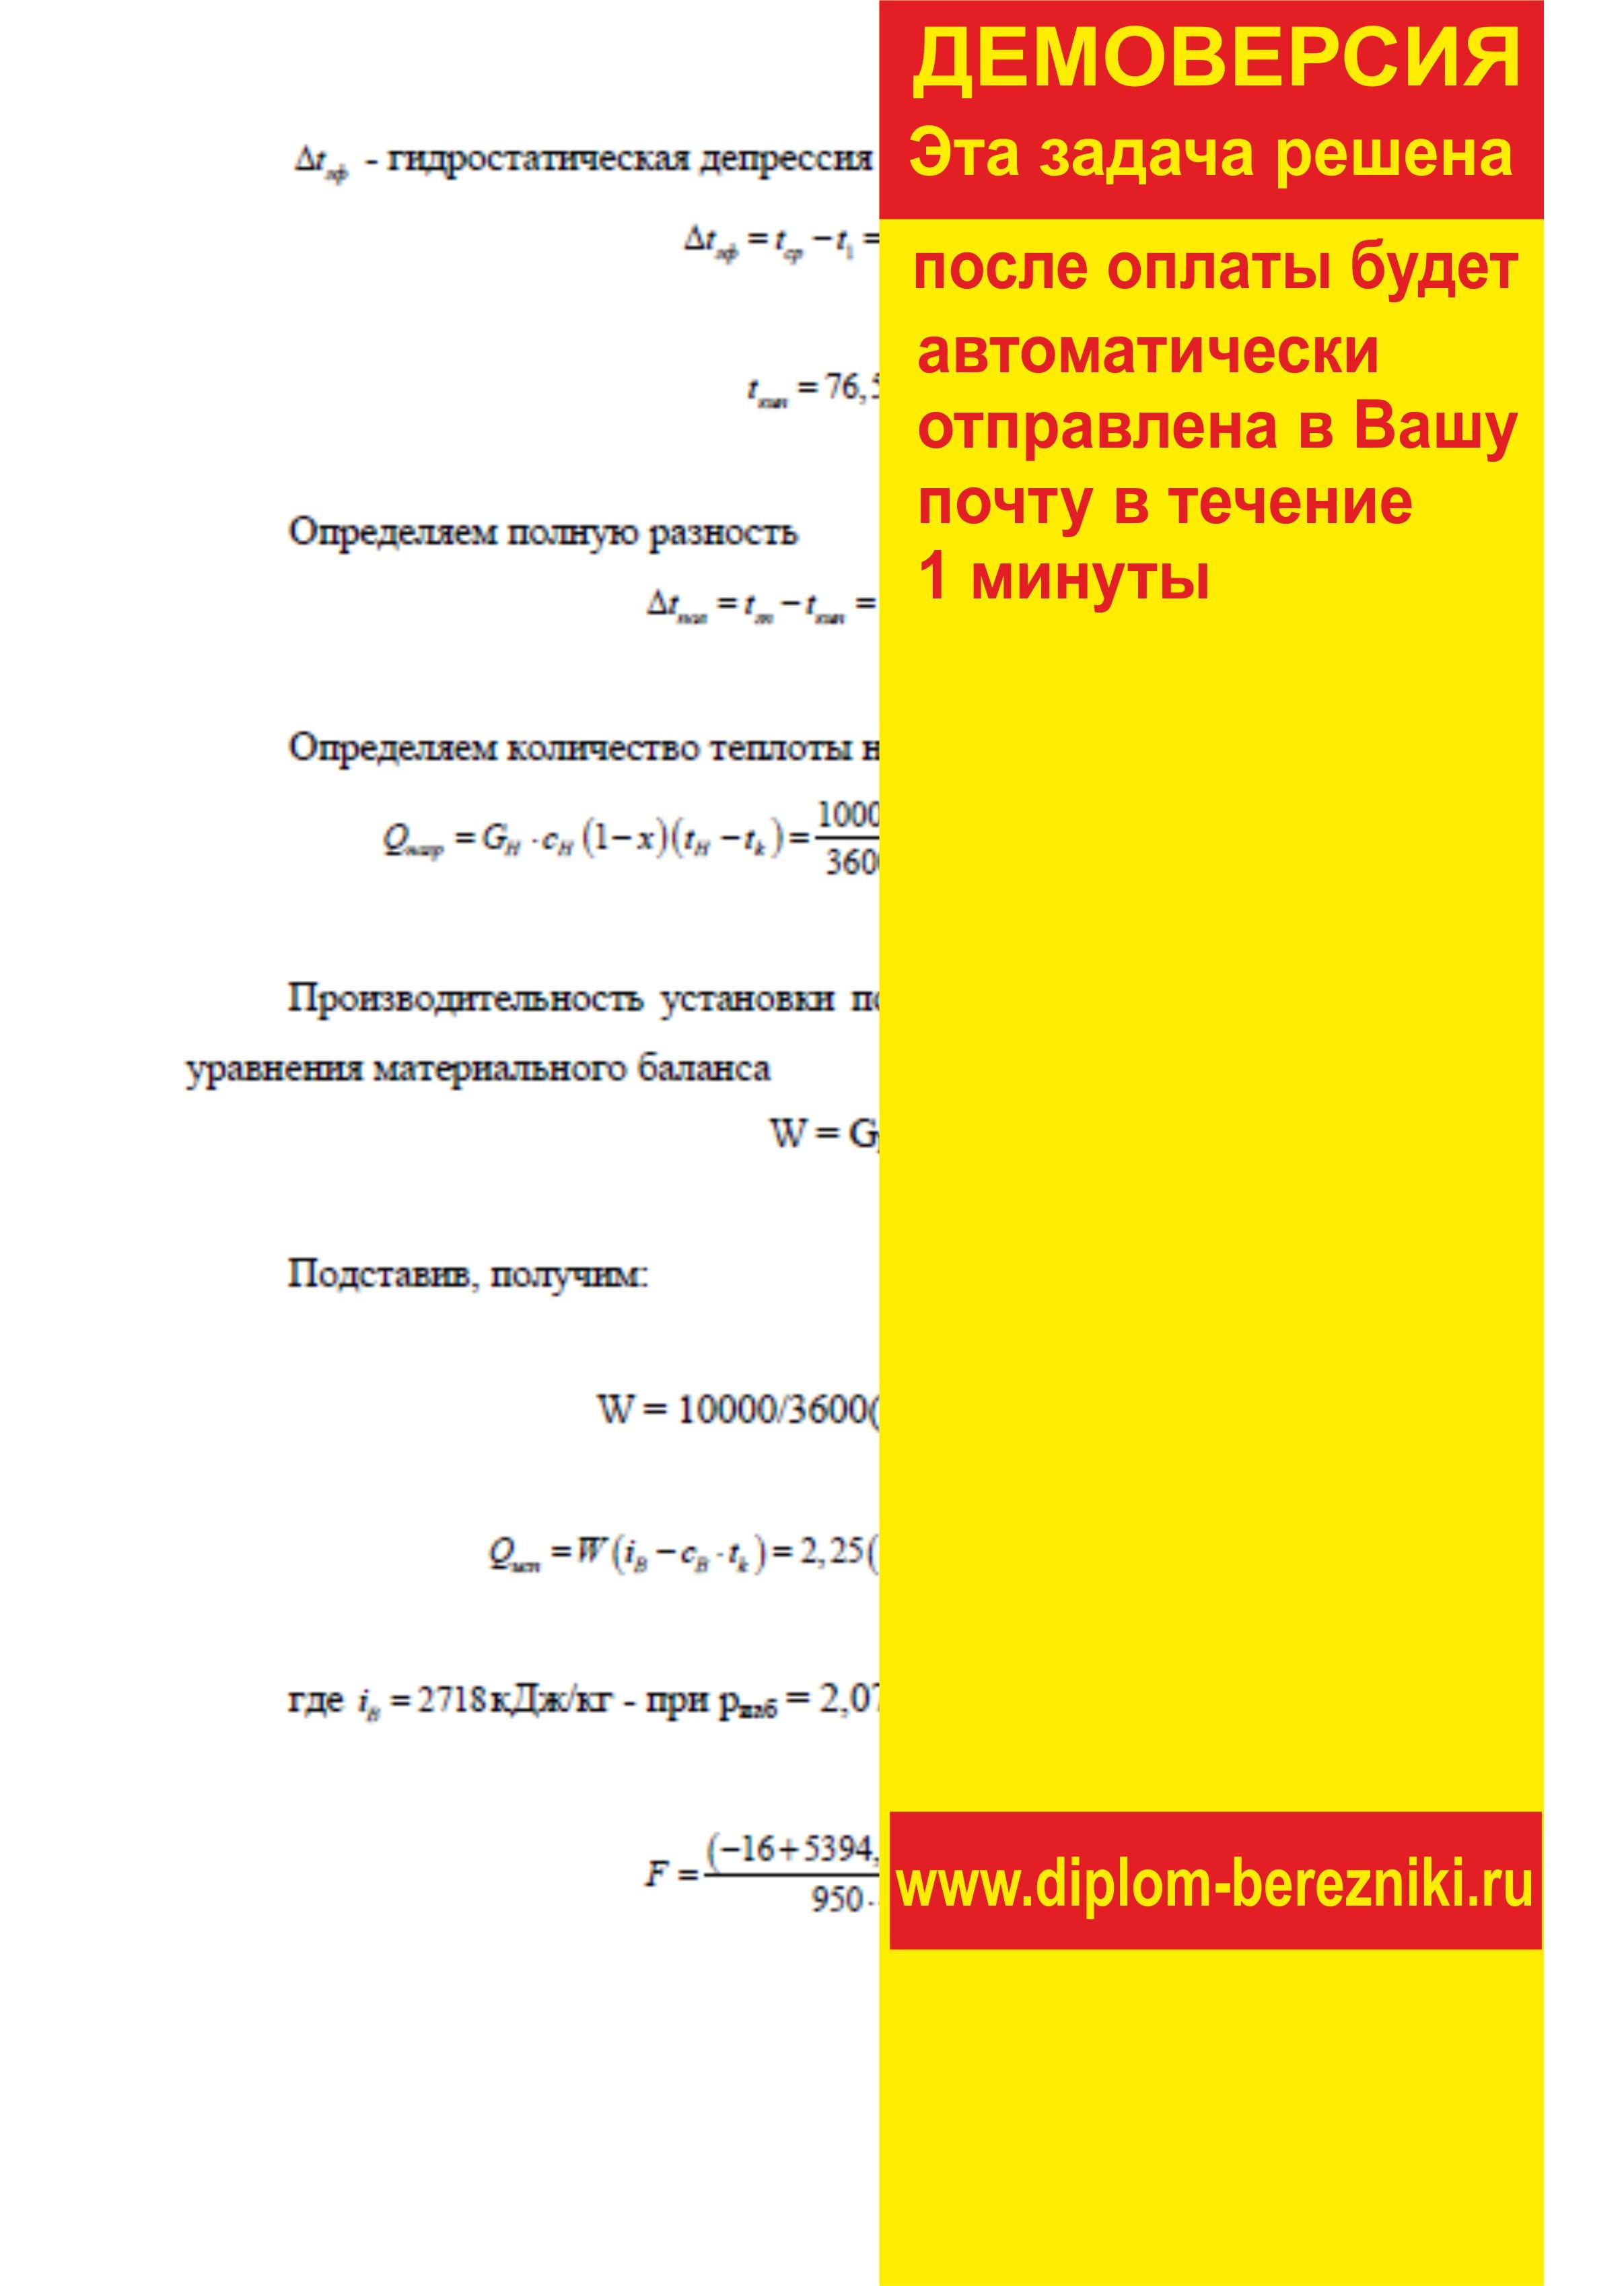 Решение задачи 5.19 по ПАХТ из задачника Павлова Романкова Носкова